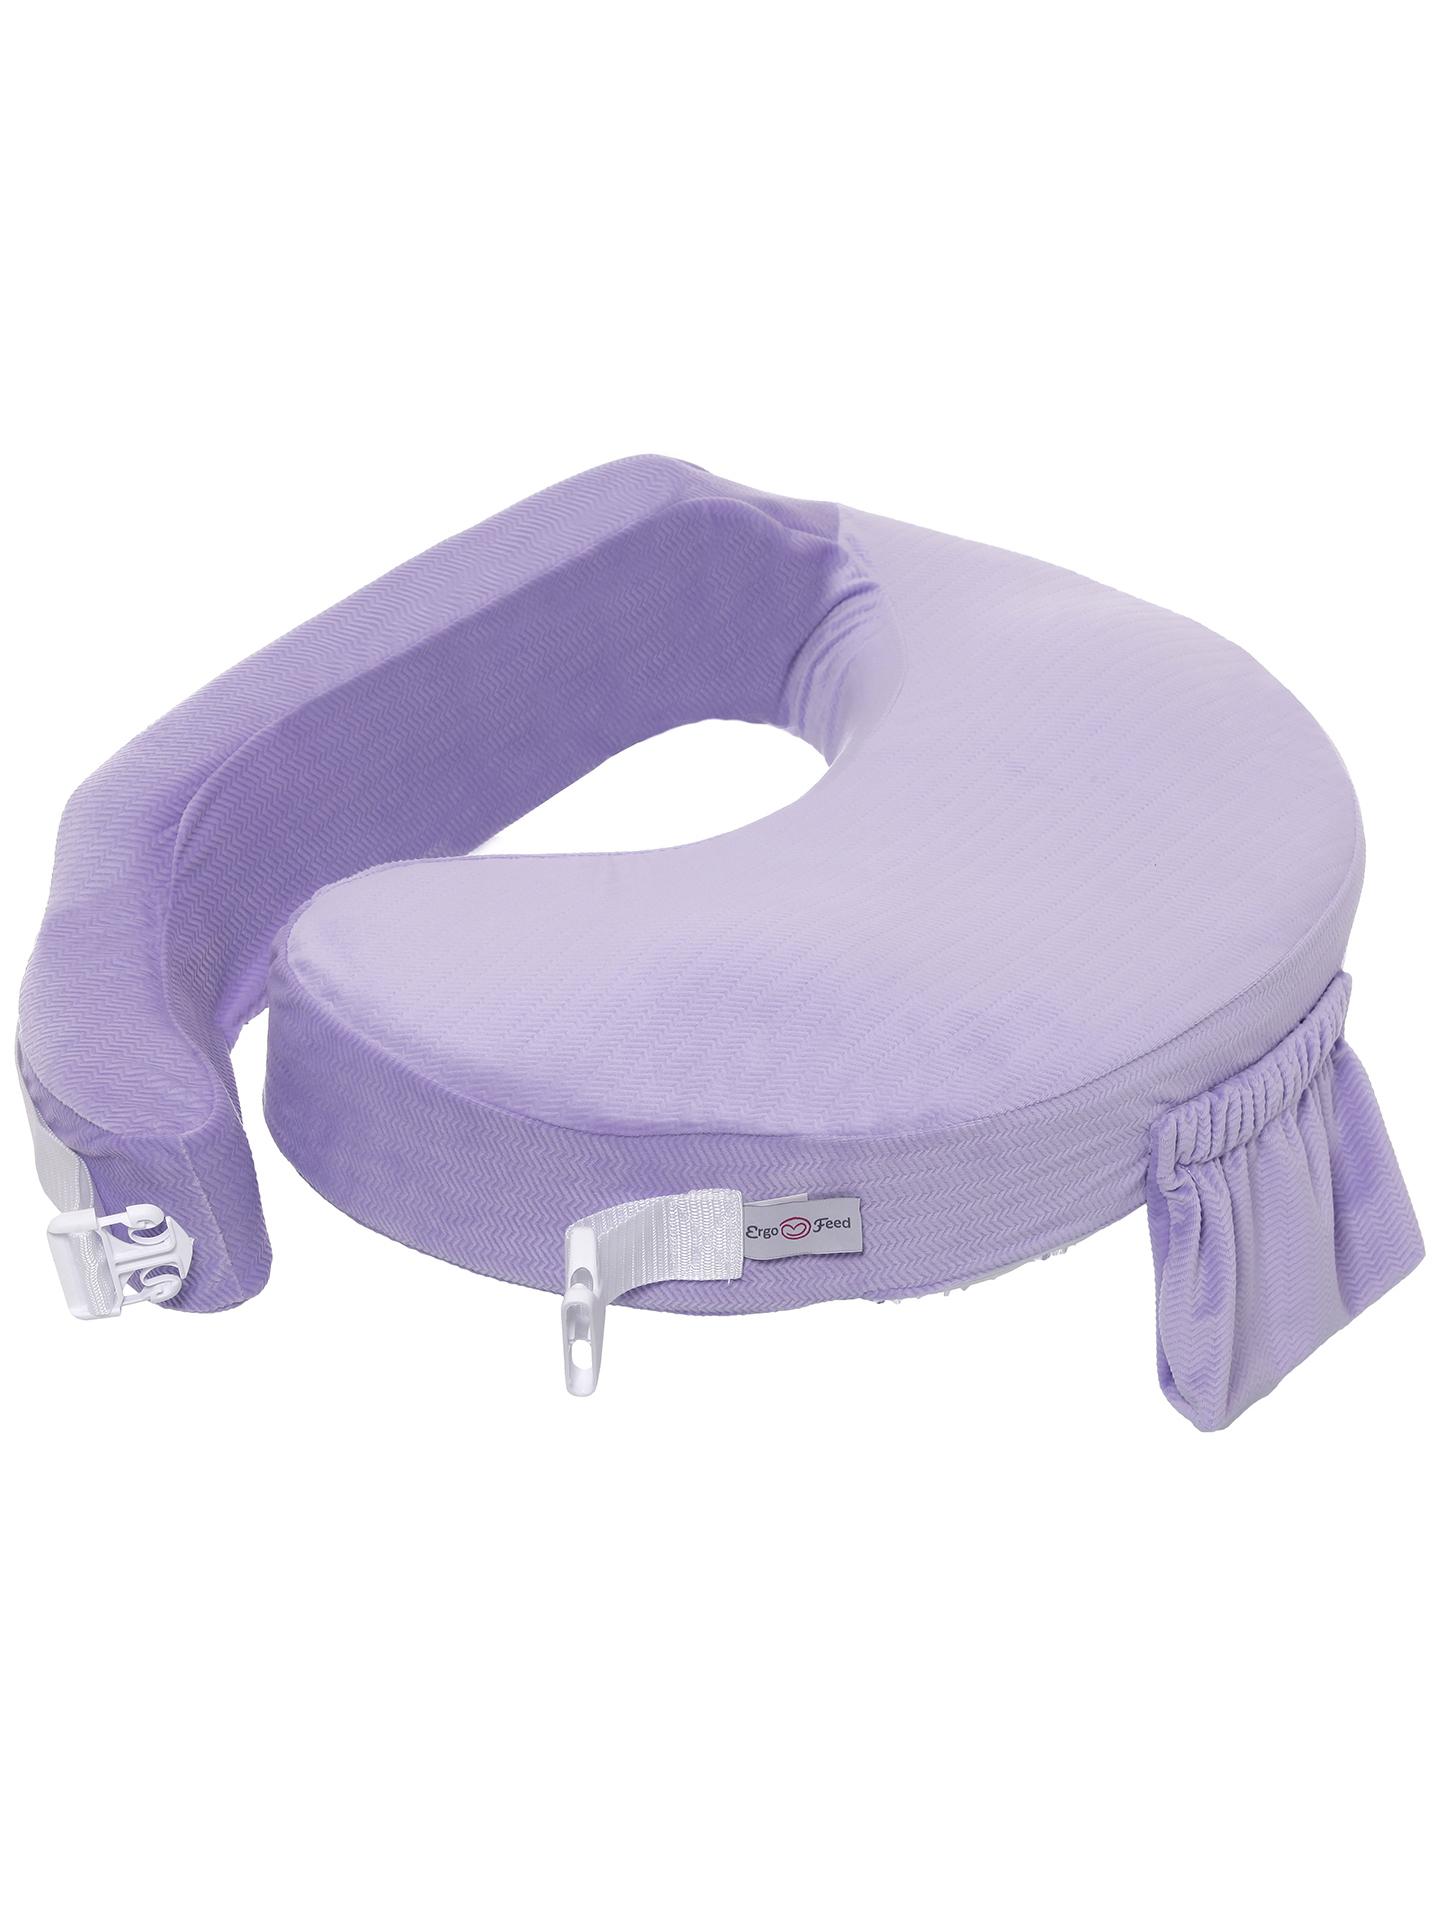 Подушка для кормления эргономичная ErgoFeed Кристалл, фиолетовый